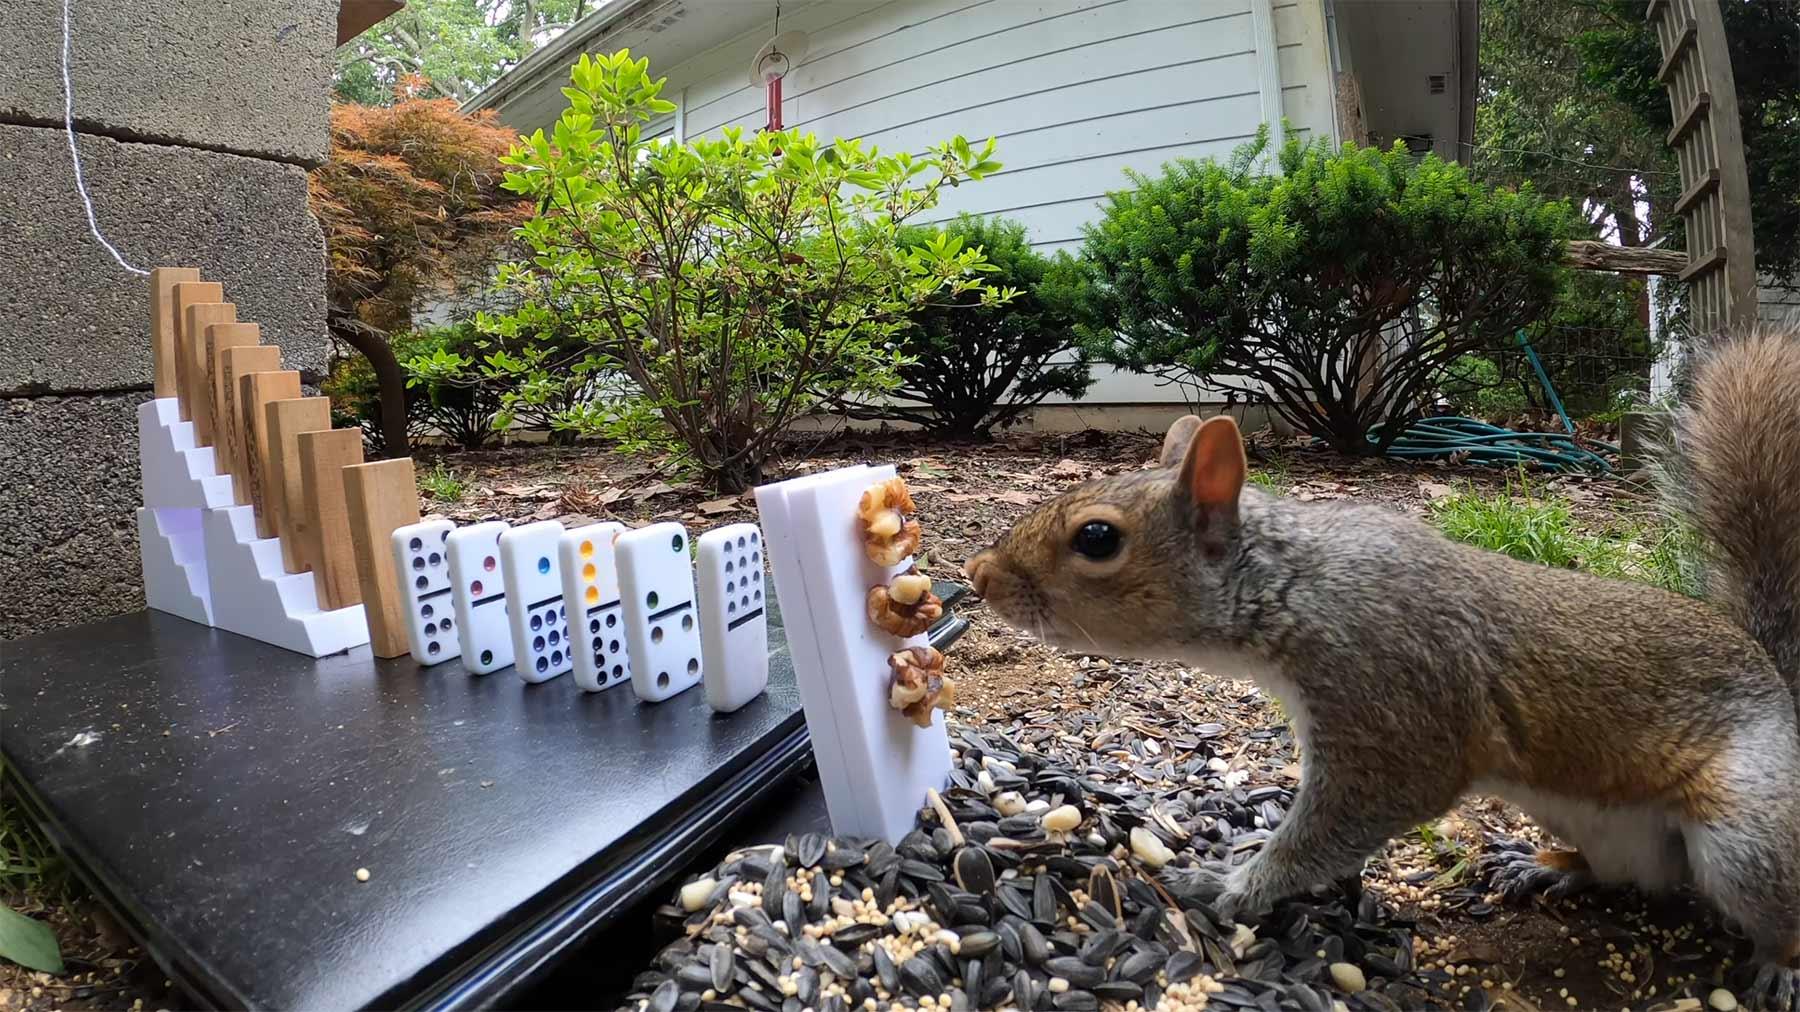 Kettenreaktion zum Eichhörnchen-Füttern Eichhoernchen-fuetter-kettenreaktion-maschine